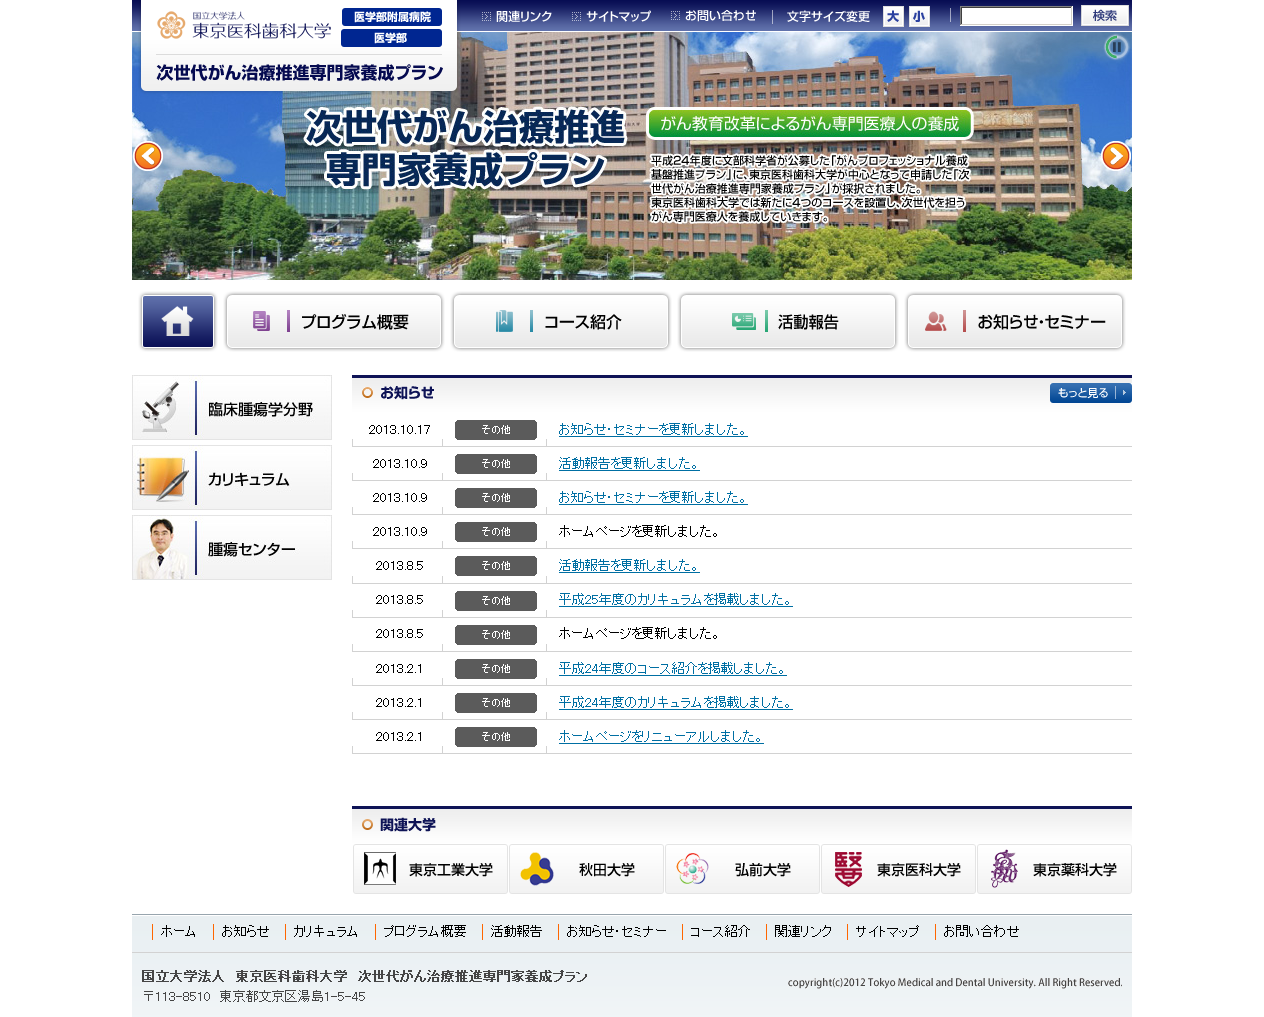 国立大学法人 東京医科歯科大学 次世代がん治療推進専門家養成プラン様の実績イメージ